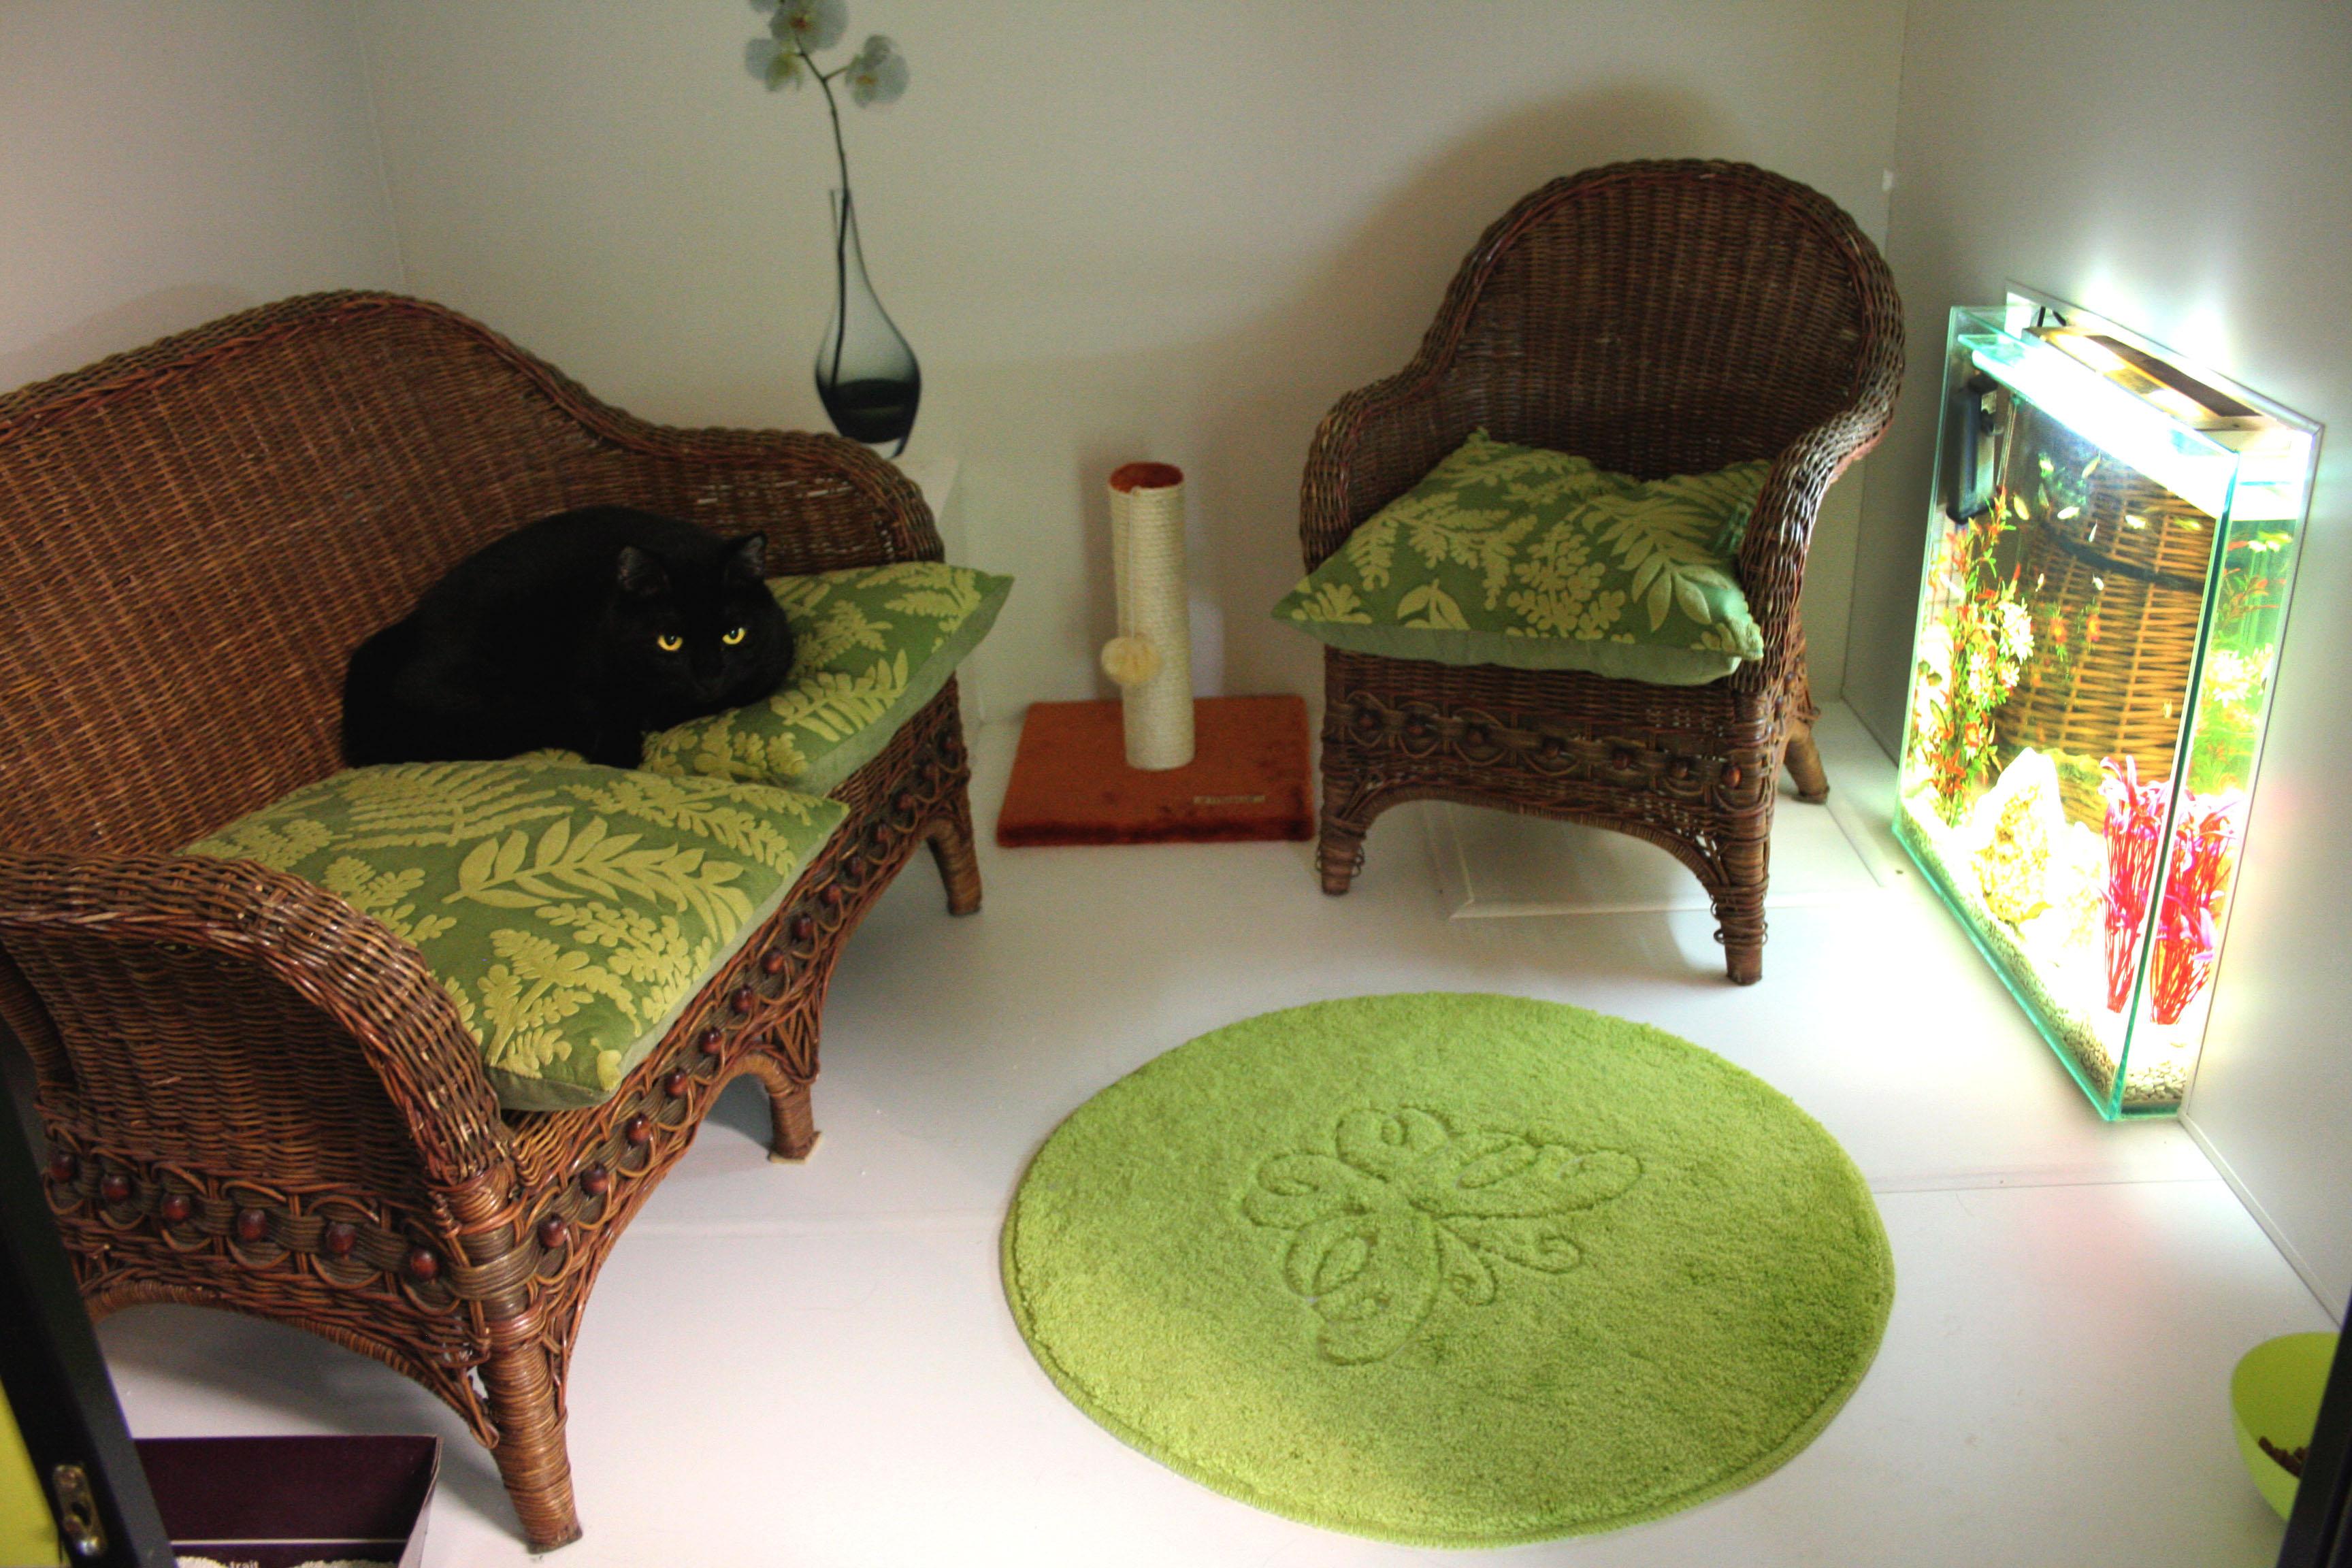 La minouterie. Pension pour chats en Ile de France, aux portes de Paris. Pension pour chats à Paris. Garde de chats à Paris.